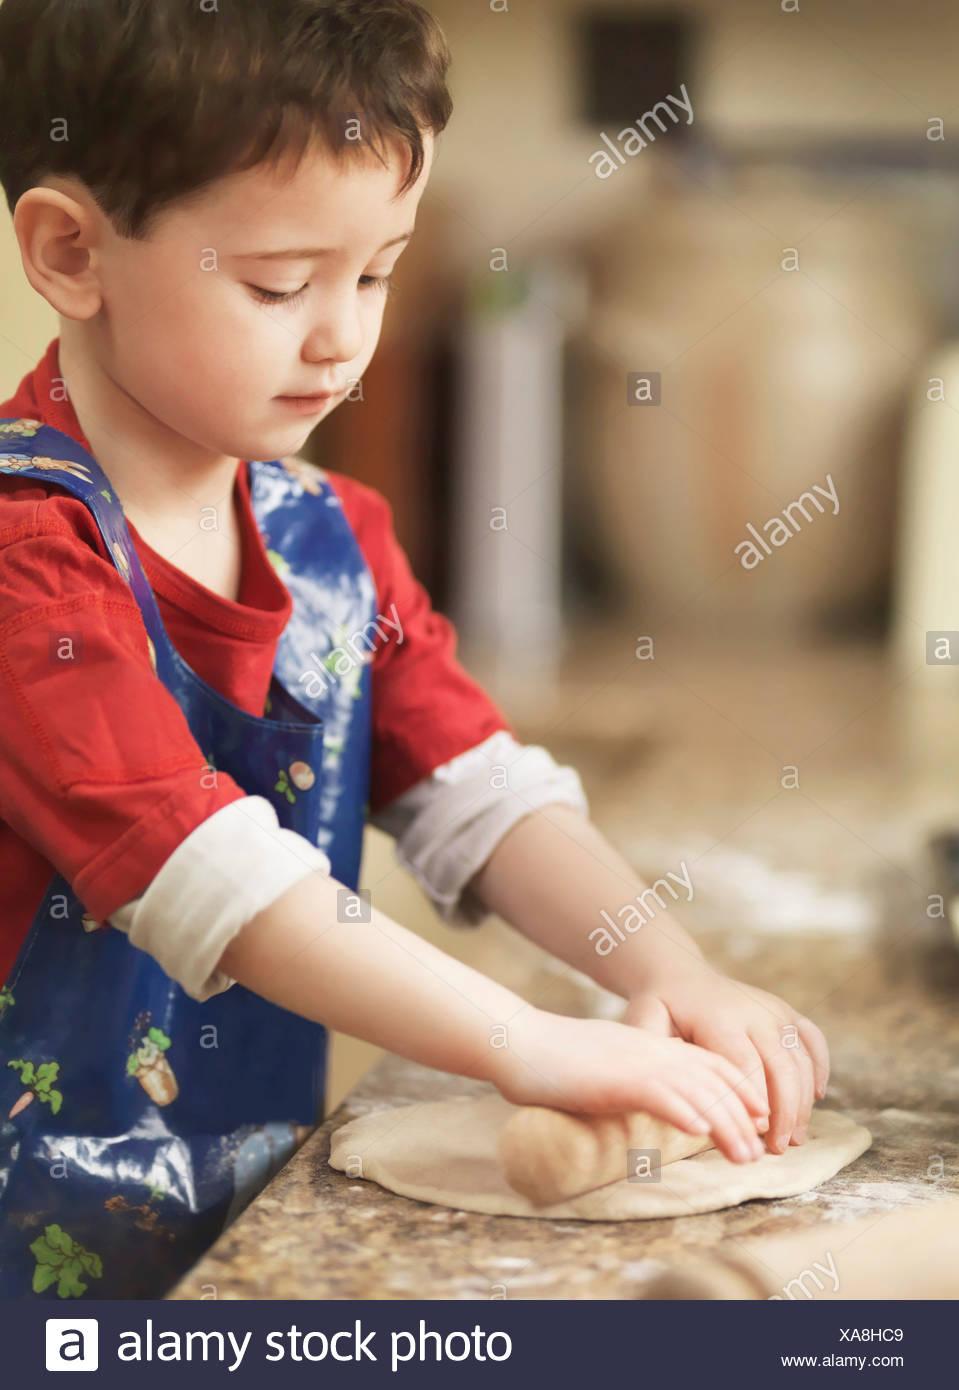 Bambino gli impasti con perno di rotolamento Immagini Stock